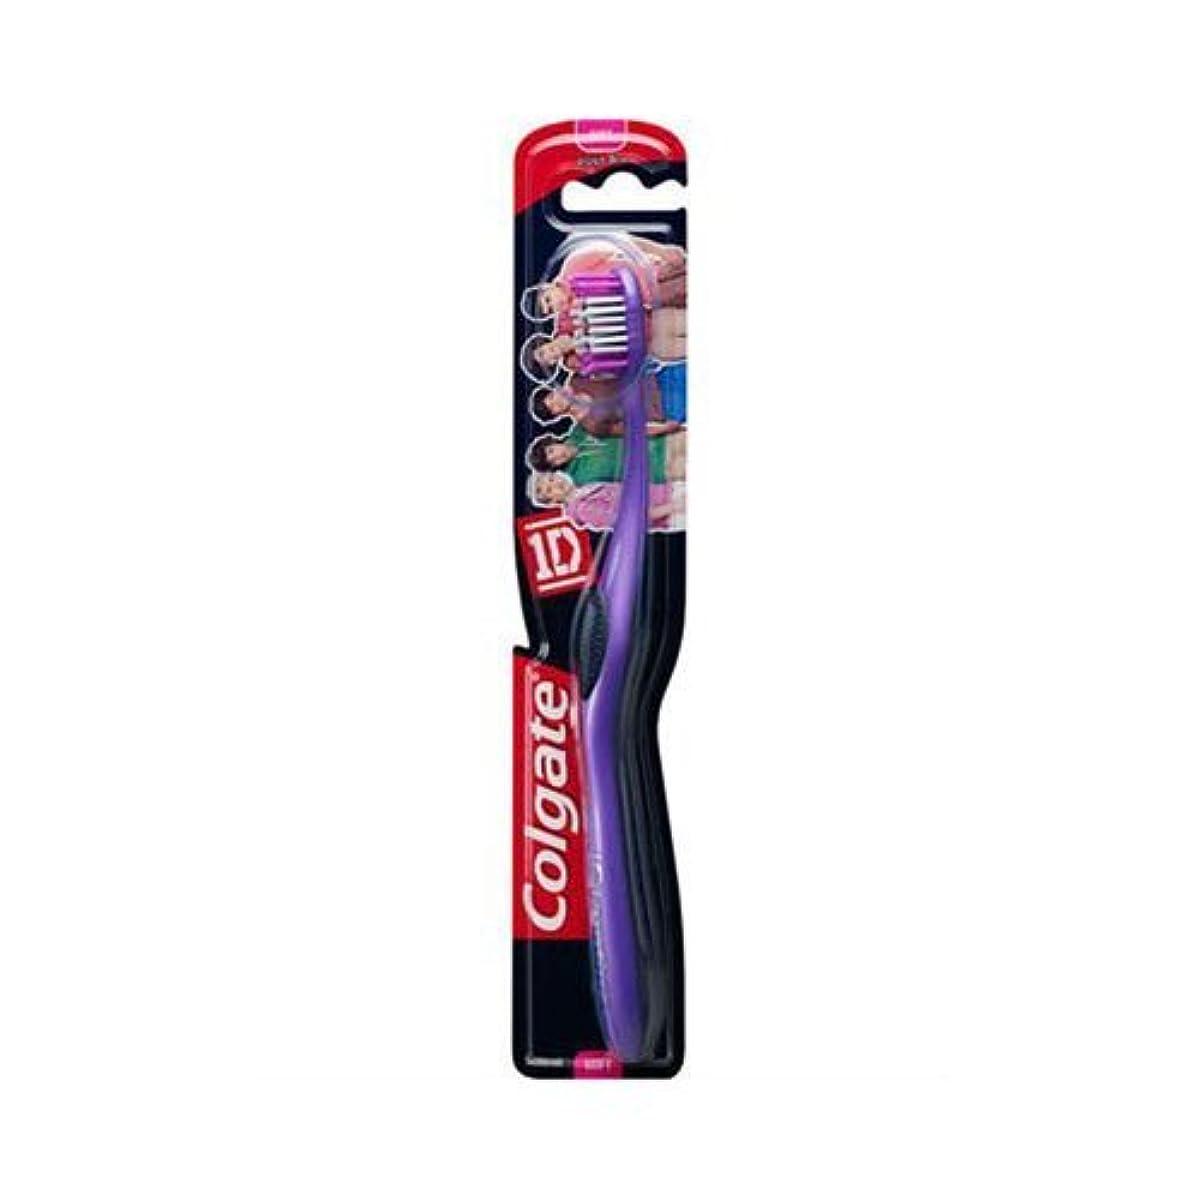 メロン健全練習したColgate 1d (One Direction) Maxfresh Soft Toothbrush Age 8+ by Colgate [並行輸入品]